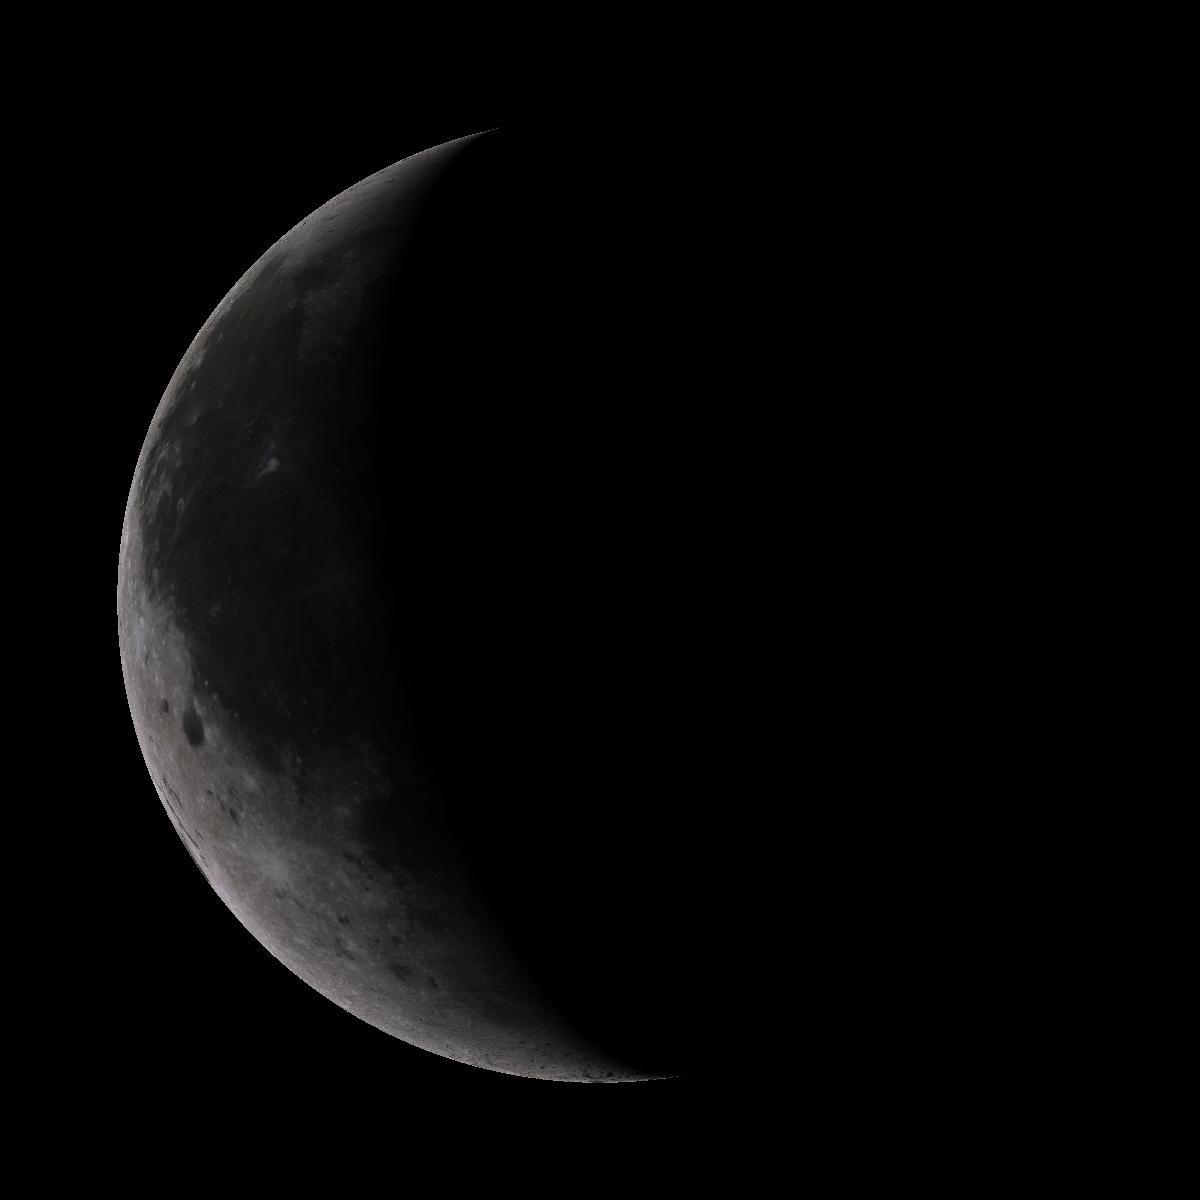 Lune du 24 septembre 2019